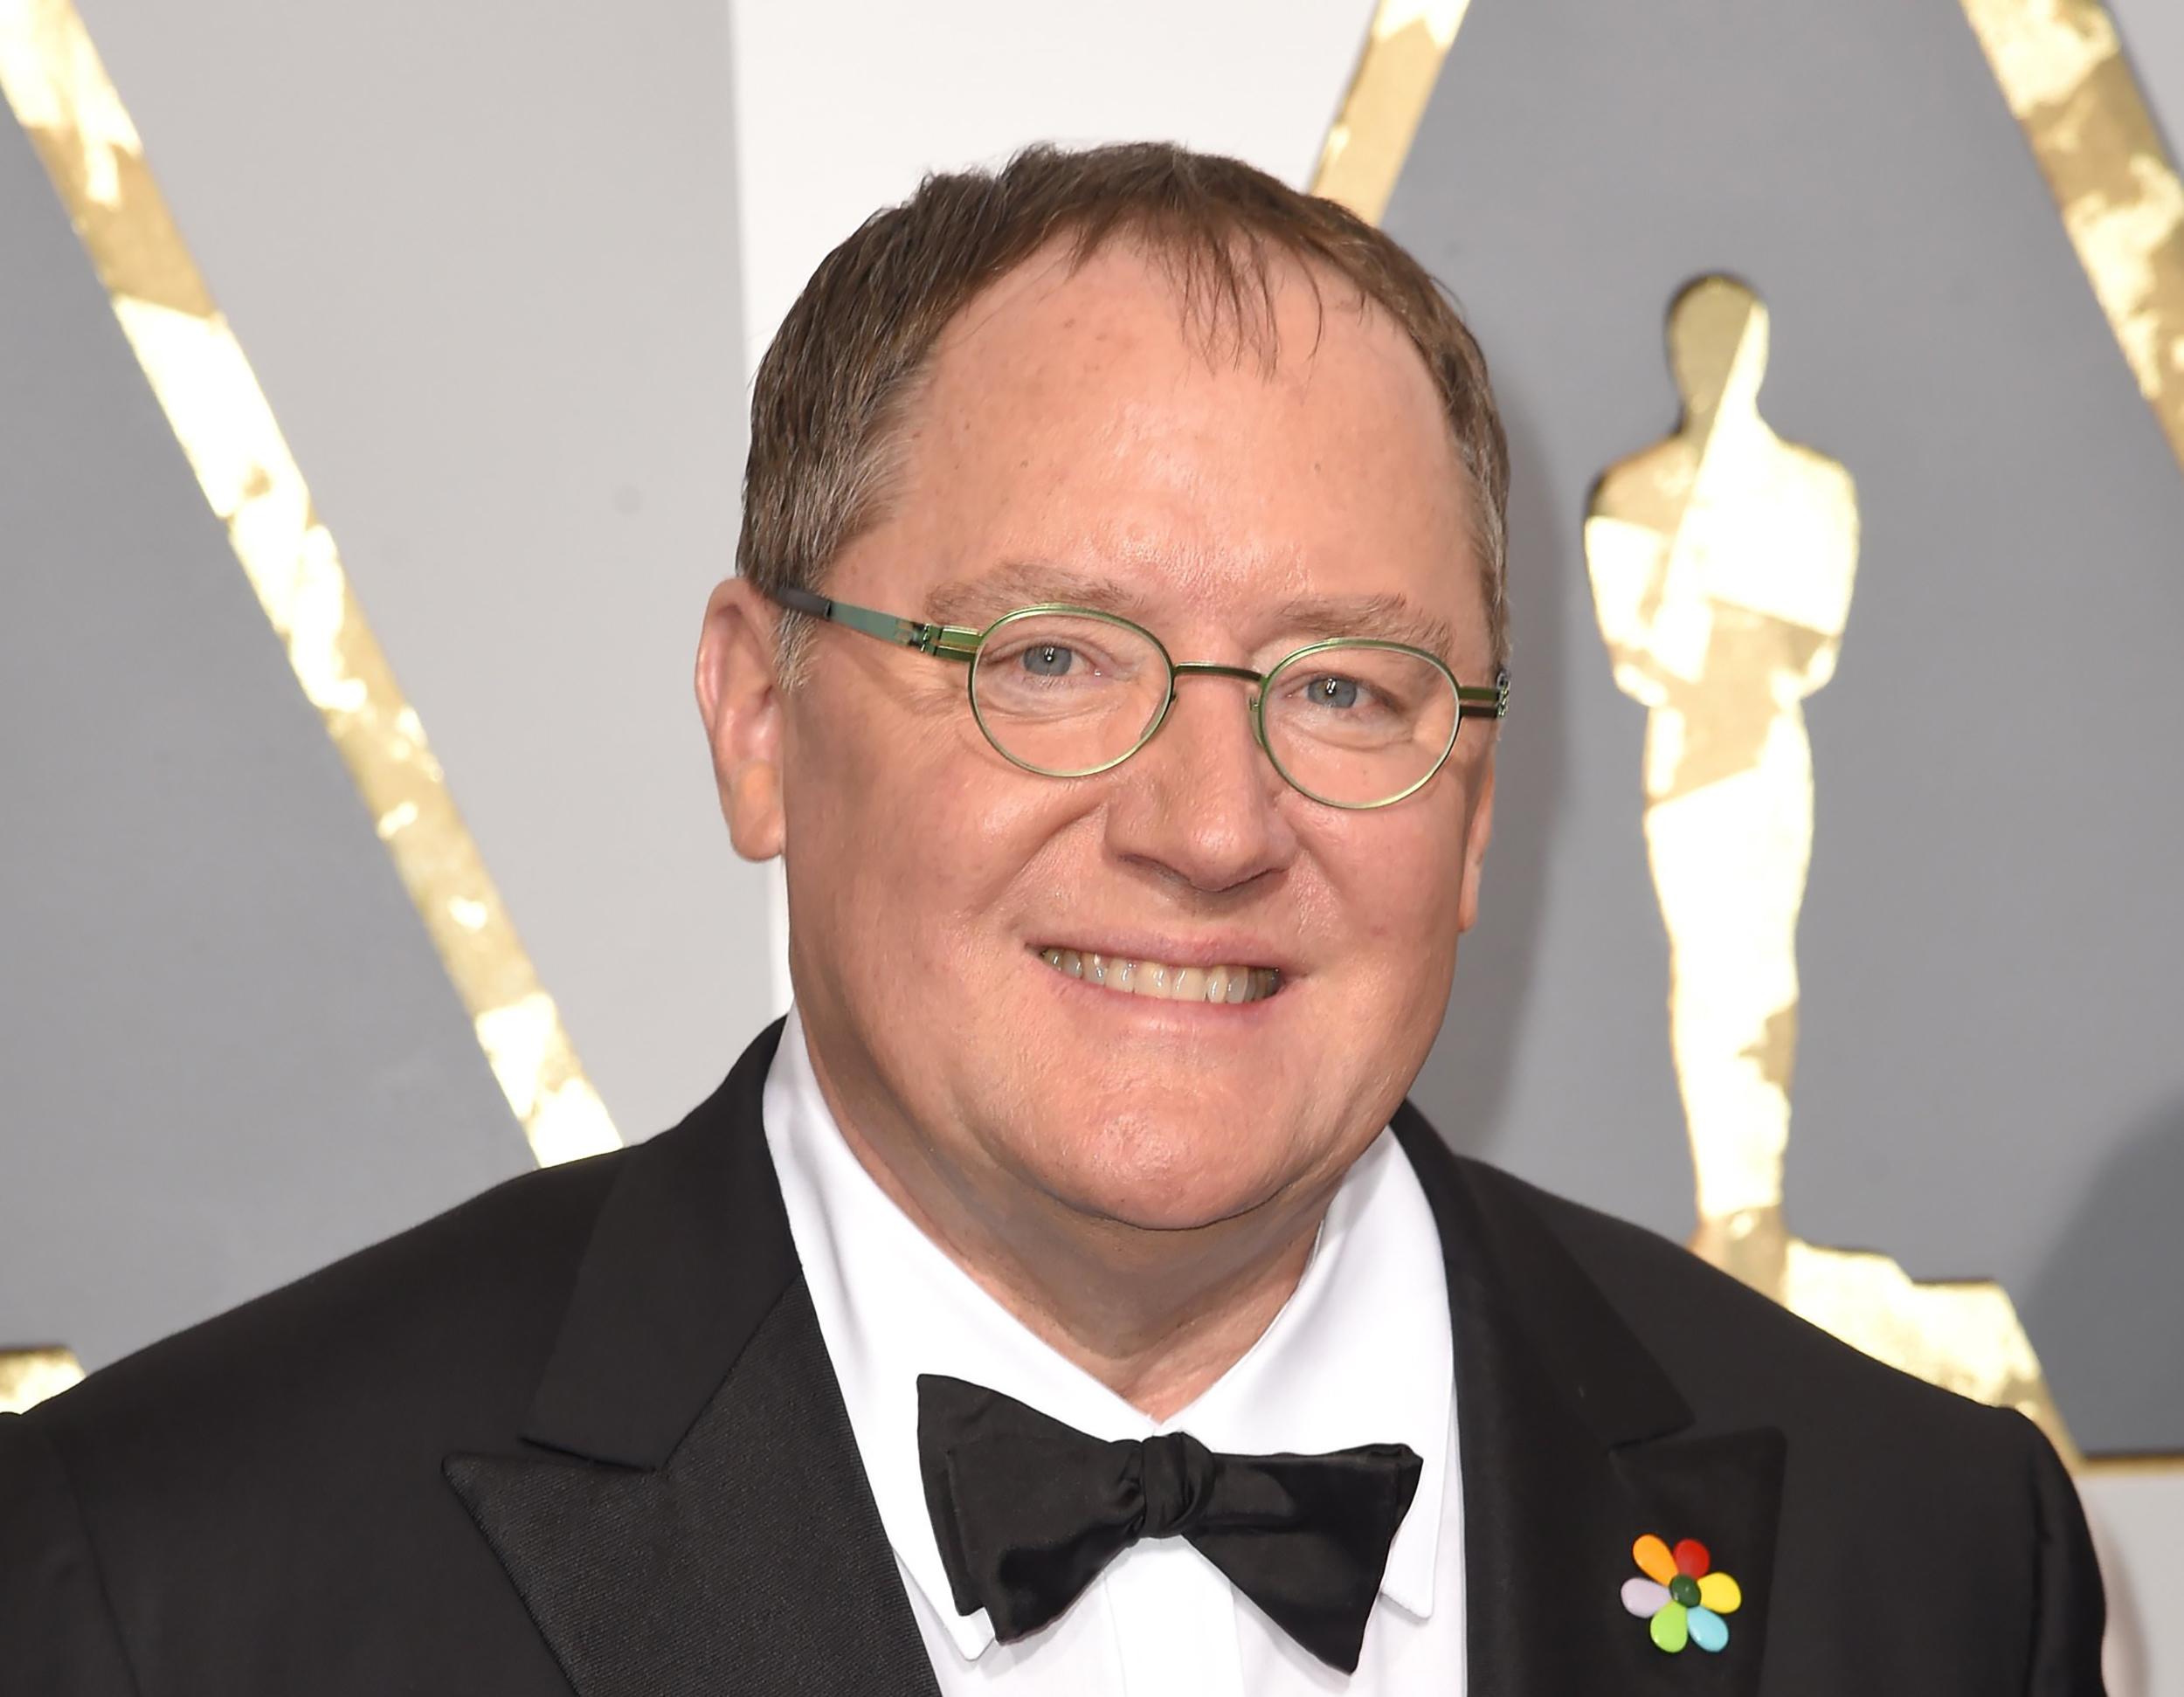 Image: John Lasseter